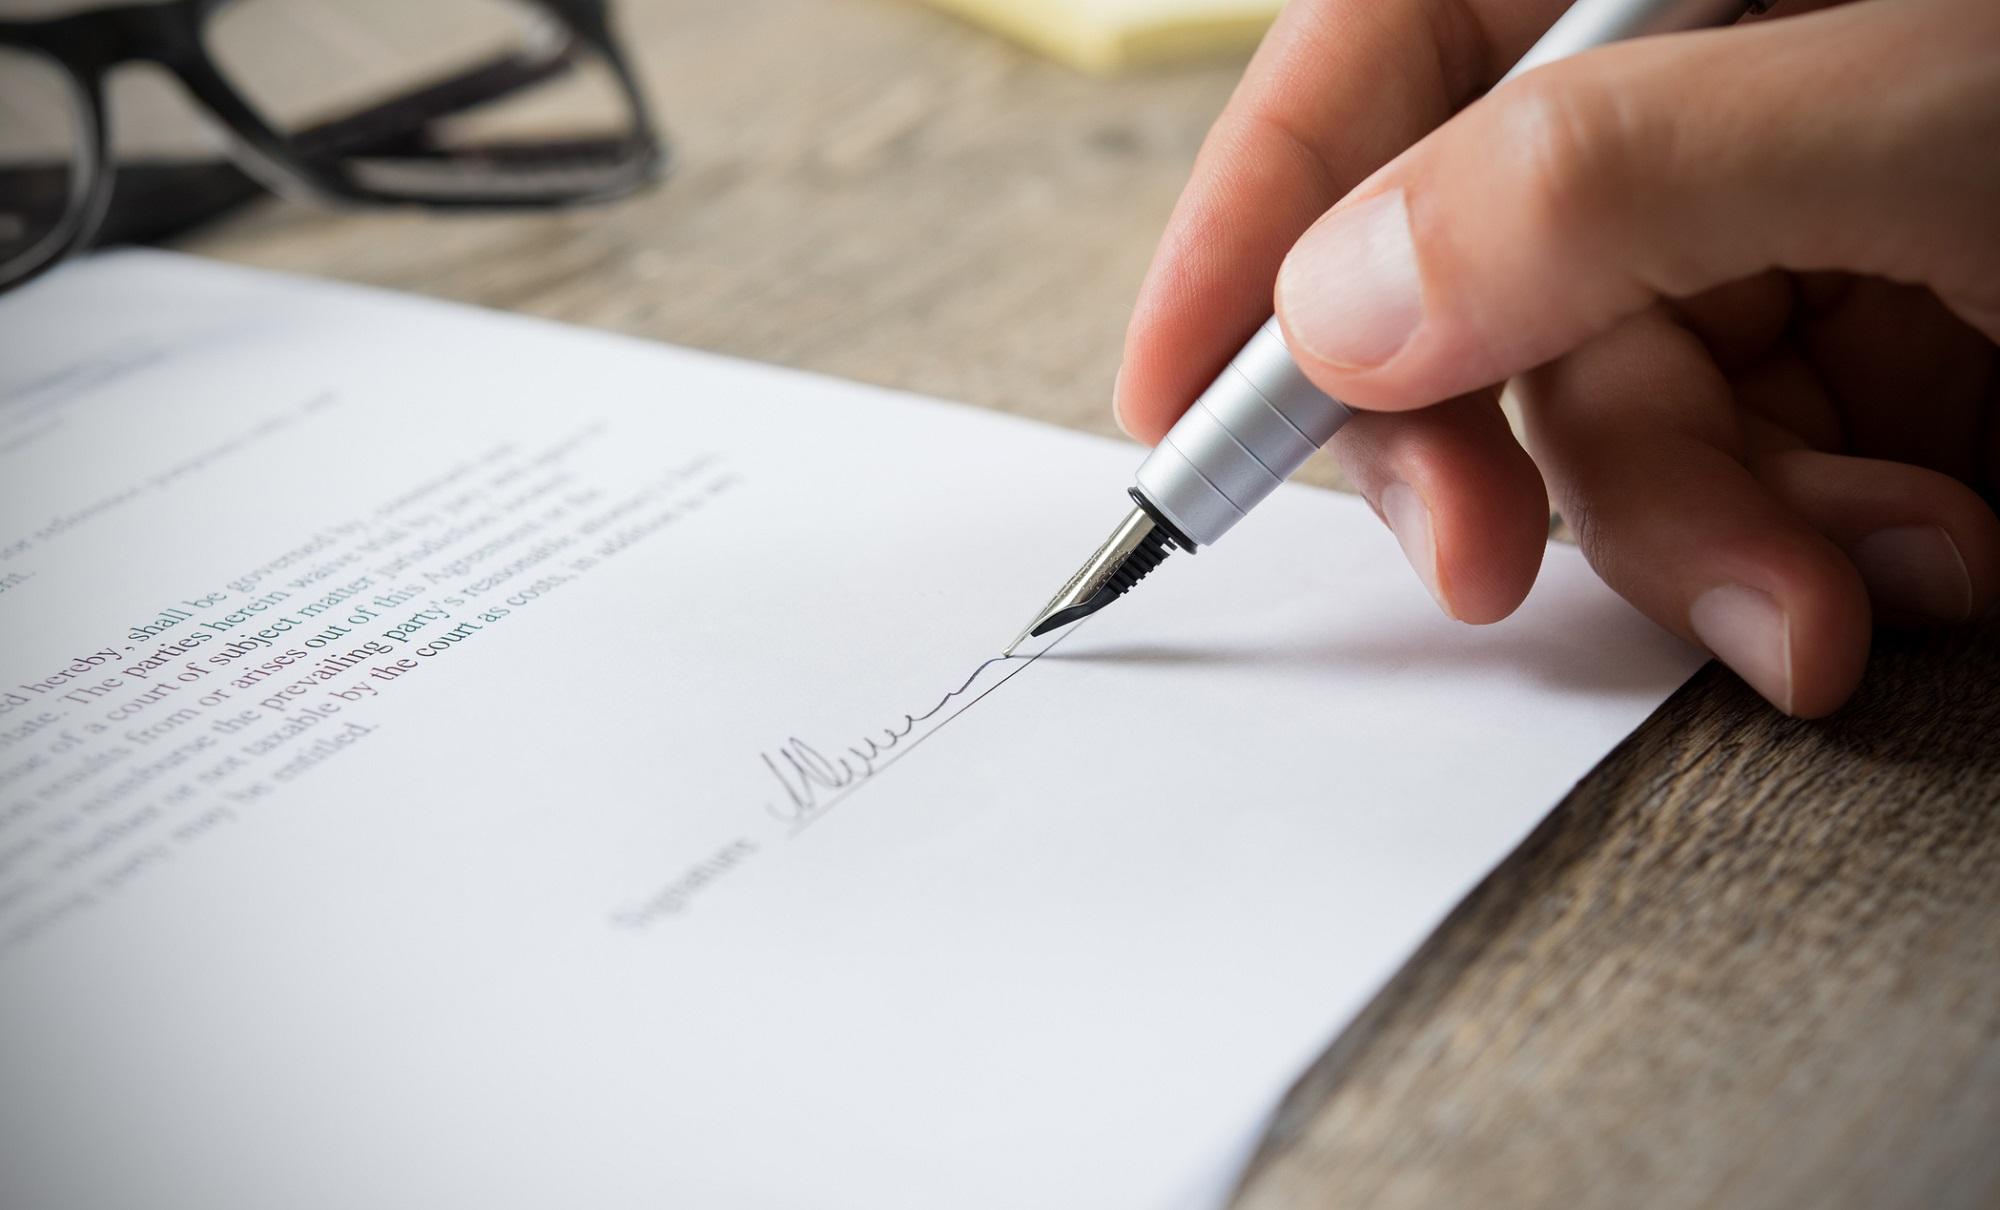 Geschäftsbrief Schreiben So Gelingt Höfliche Geschäftskorrespondenz